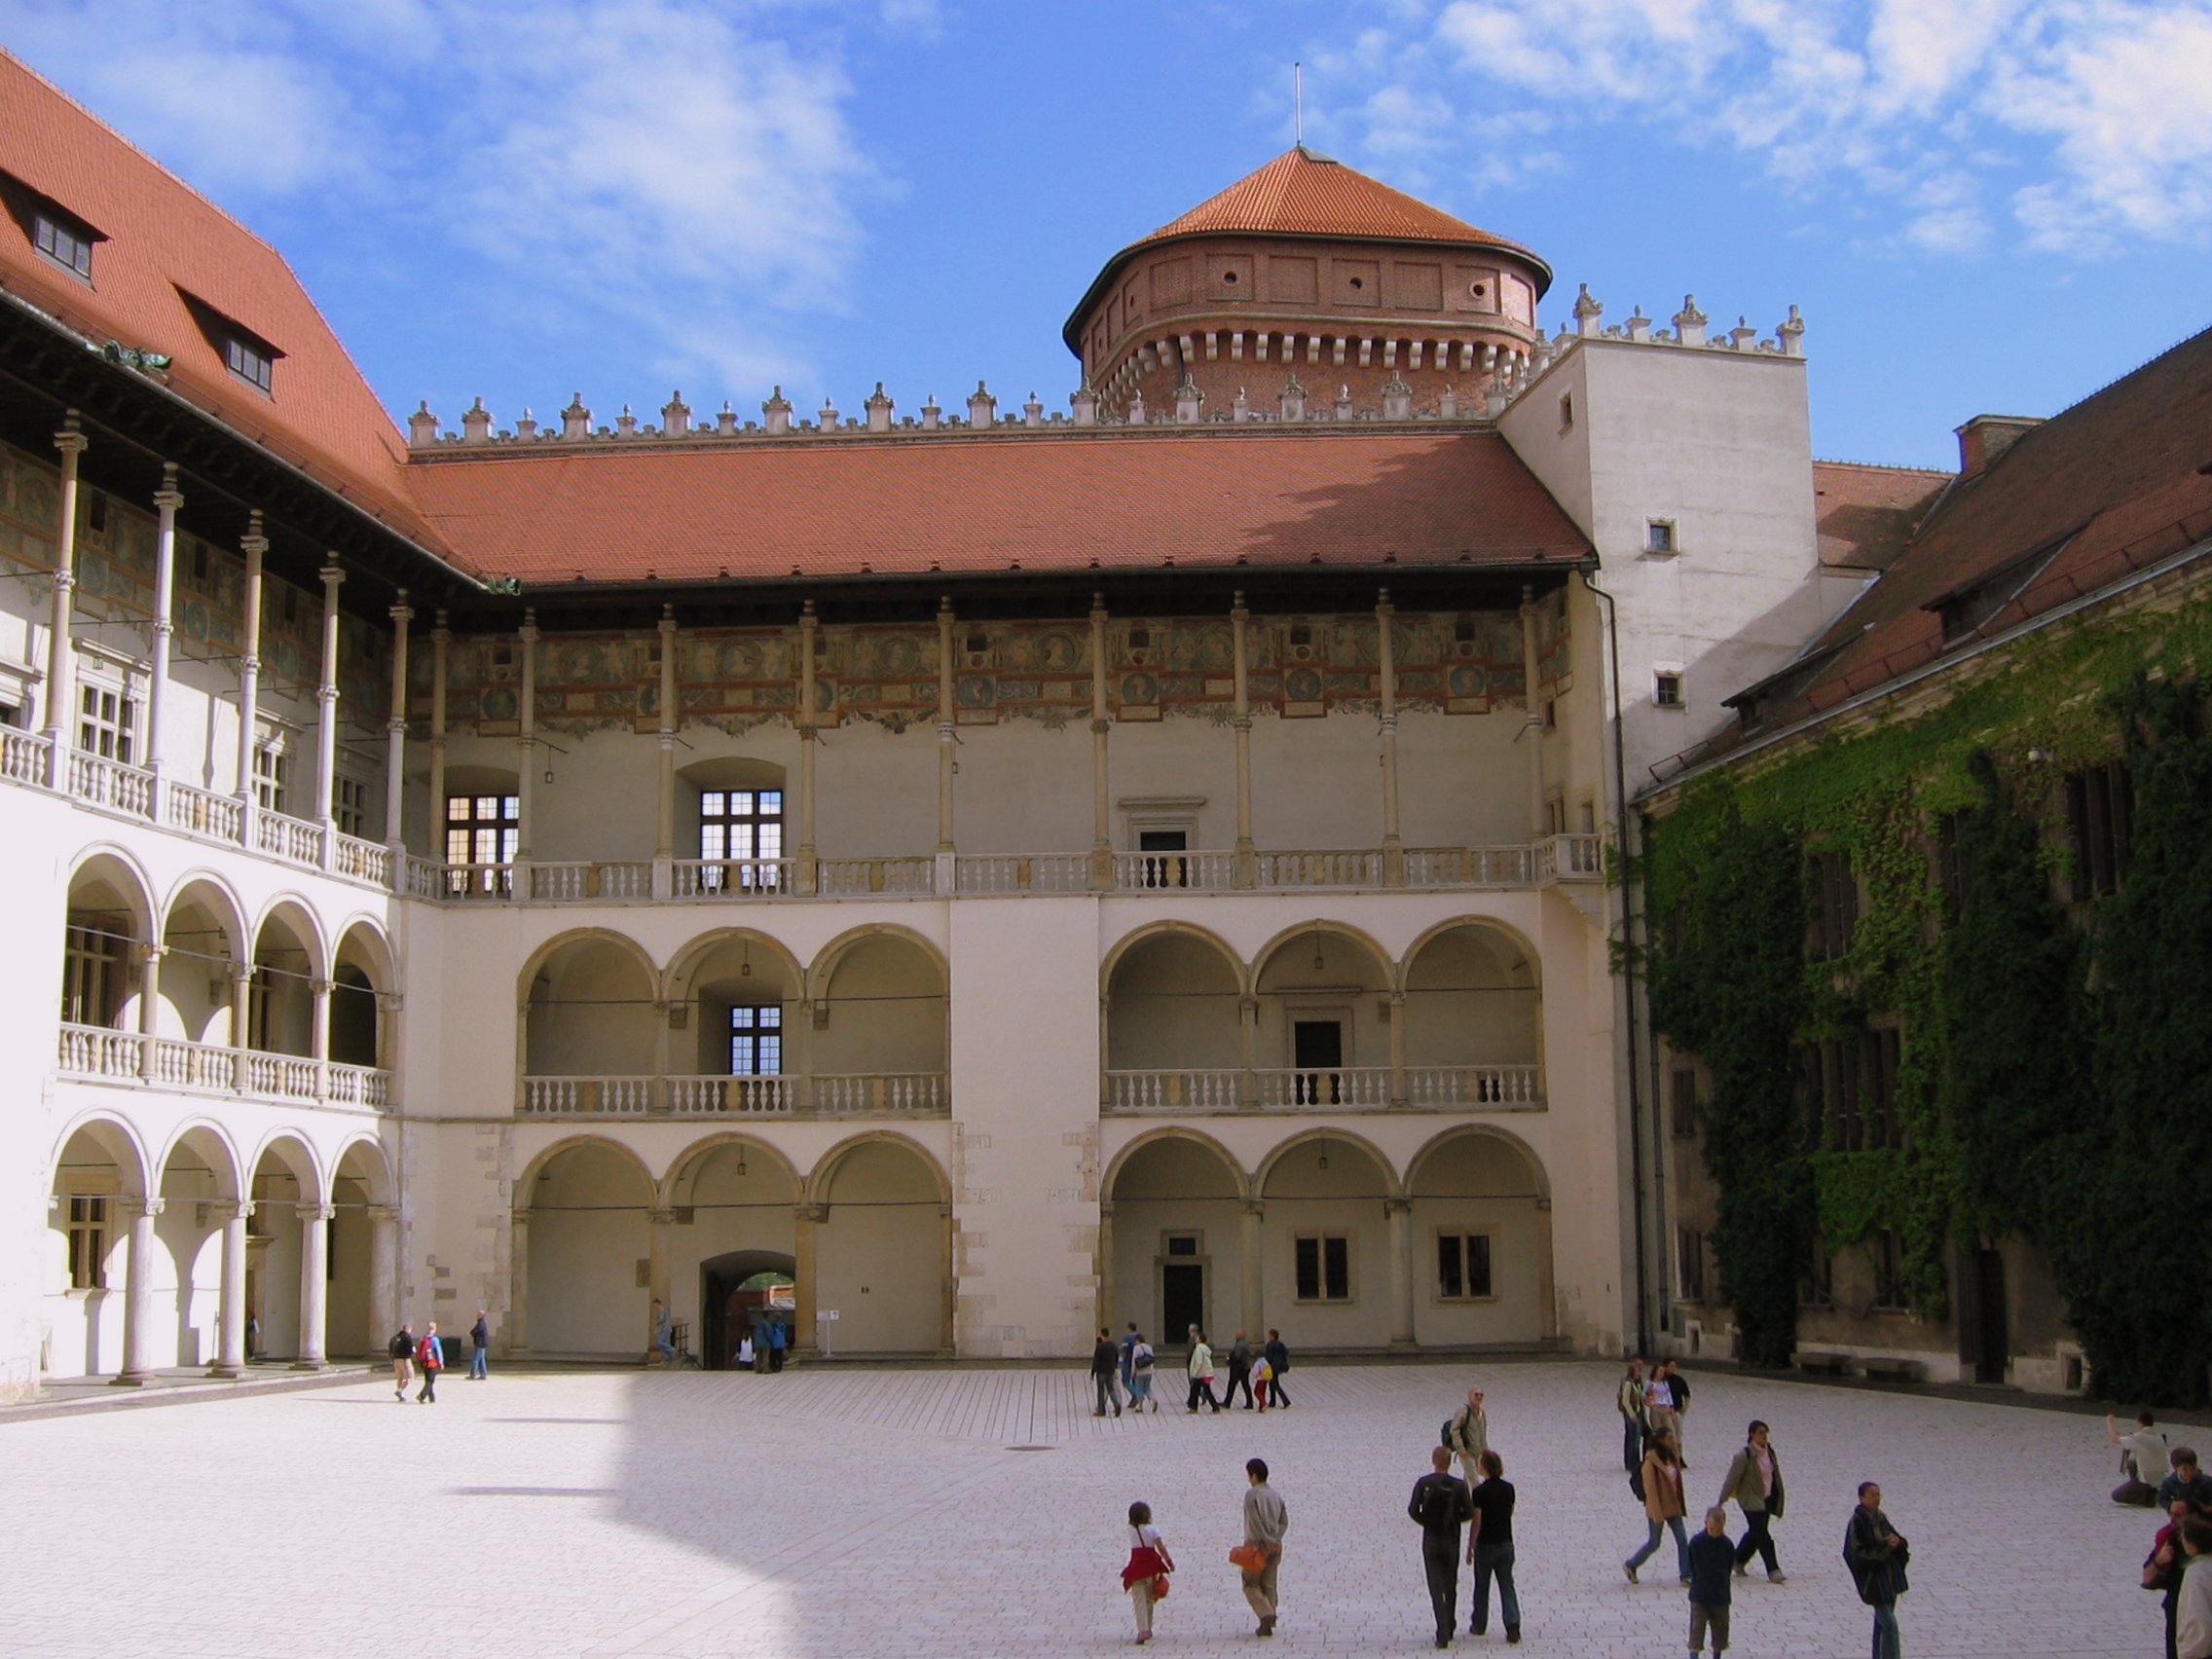 Файл:Krakow-Wawel-Courtyard.jpg — Вікіпедія